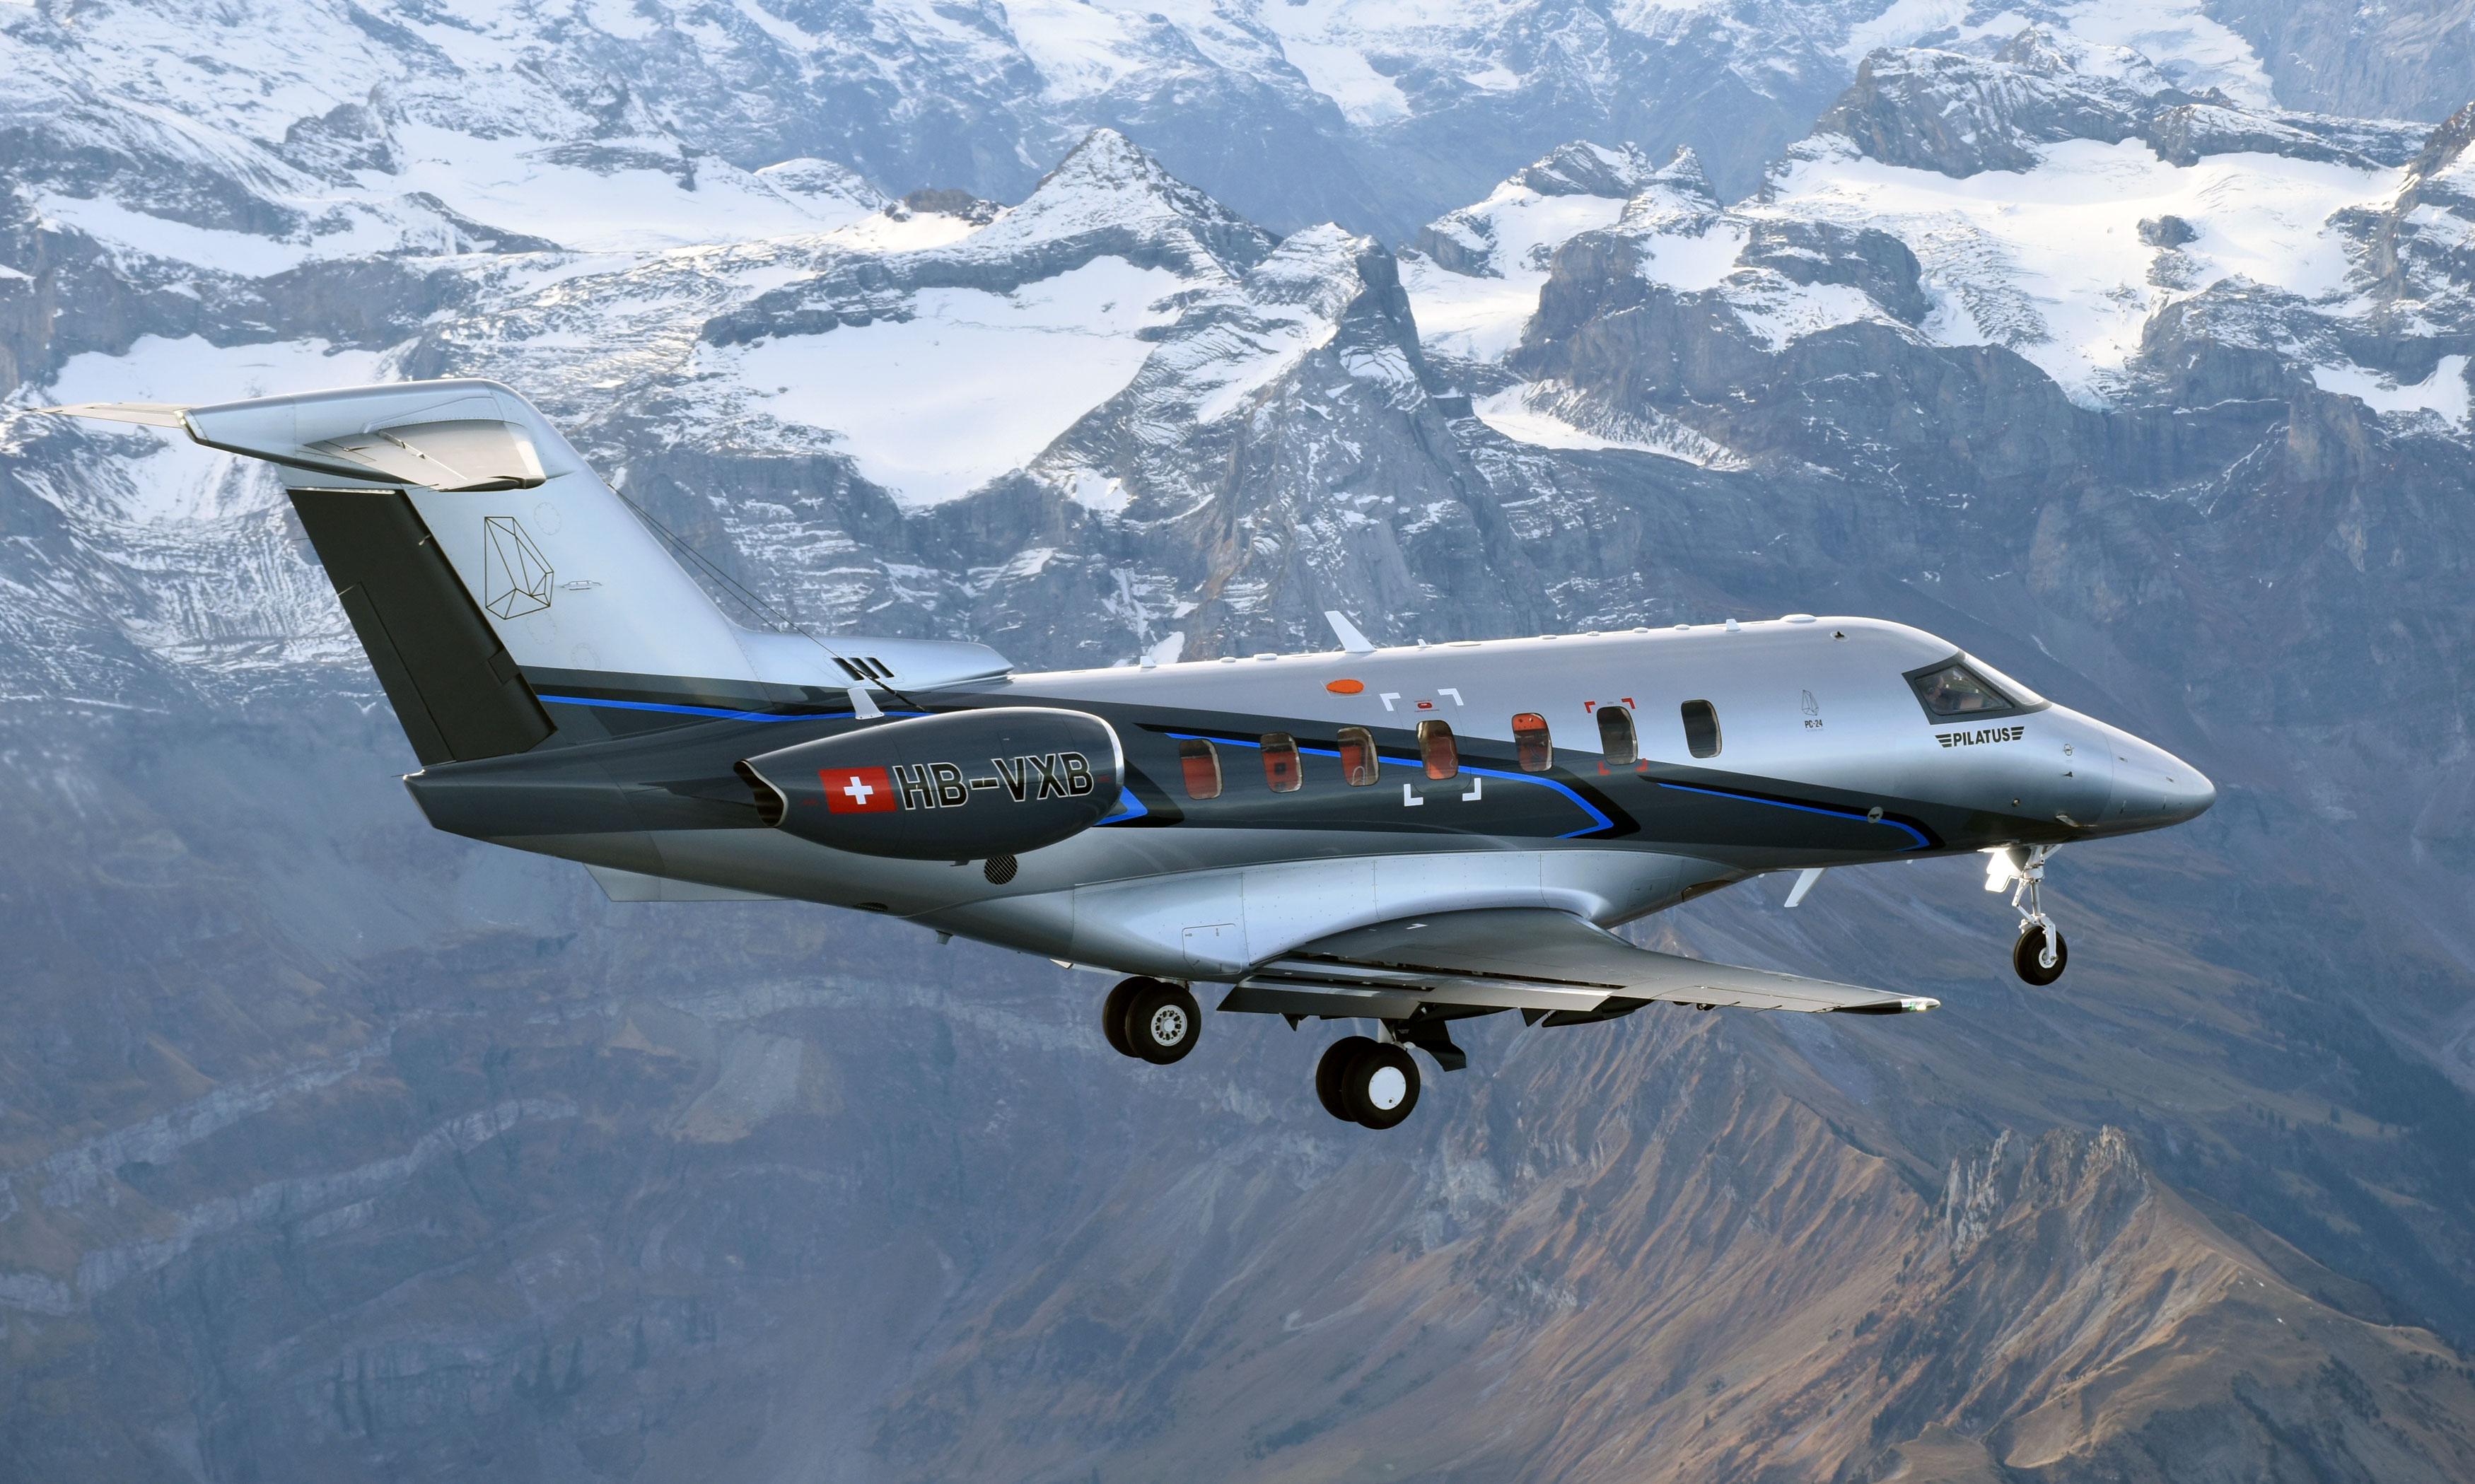 18935af55688189a536a2939ba5ba546 Pc 24 Maiden06 Aviation